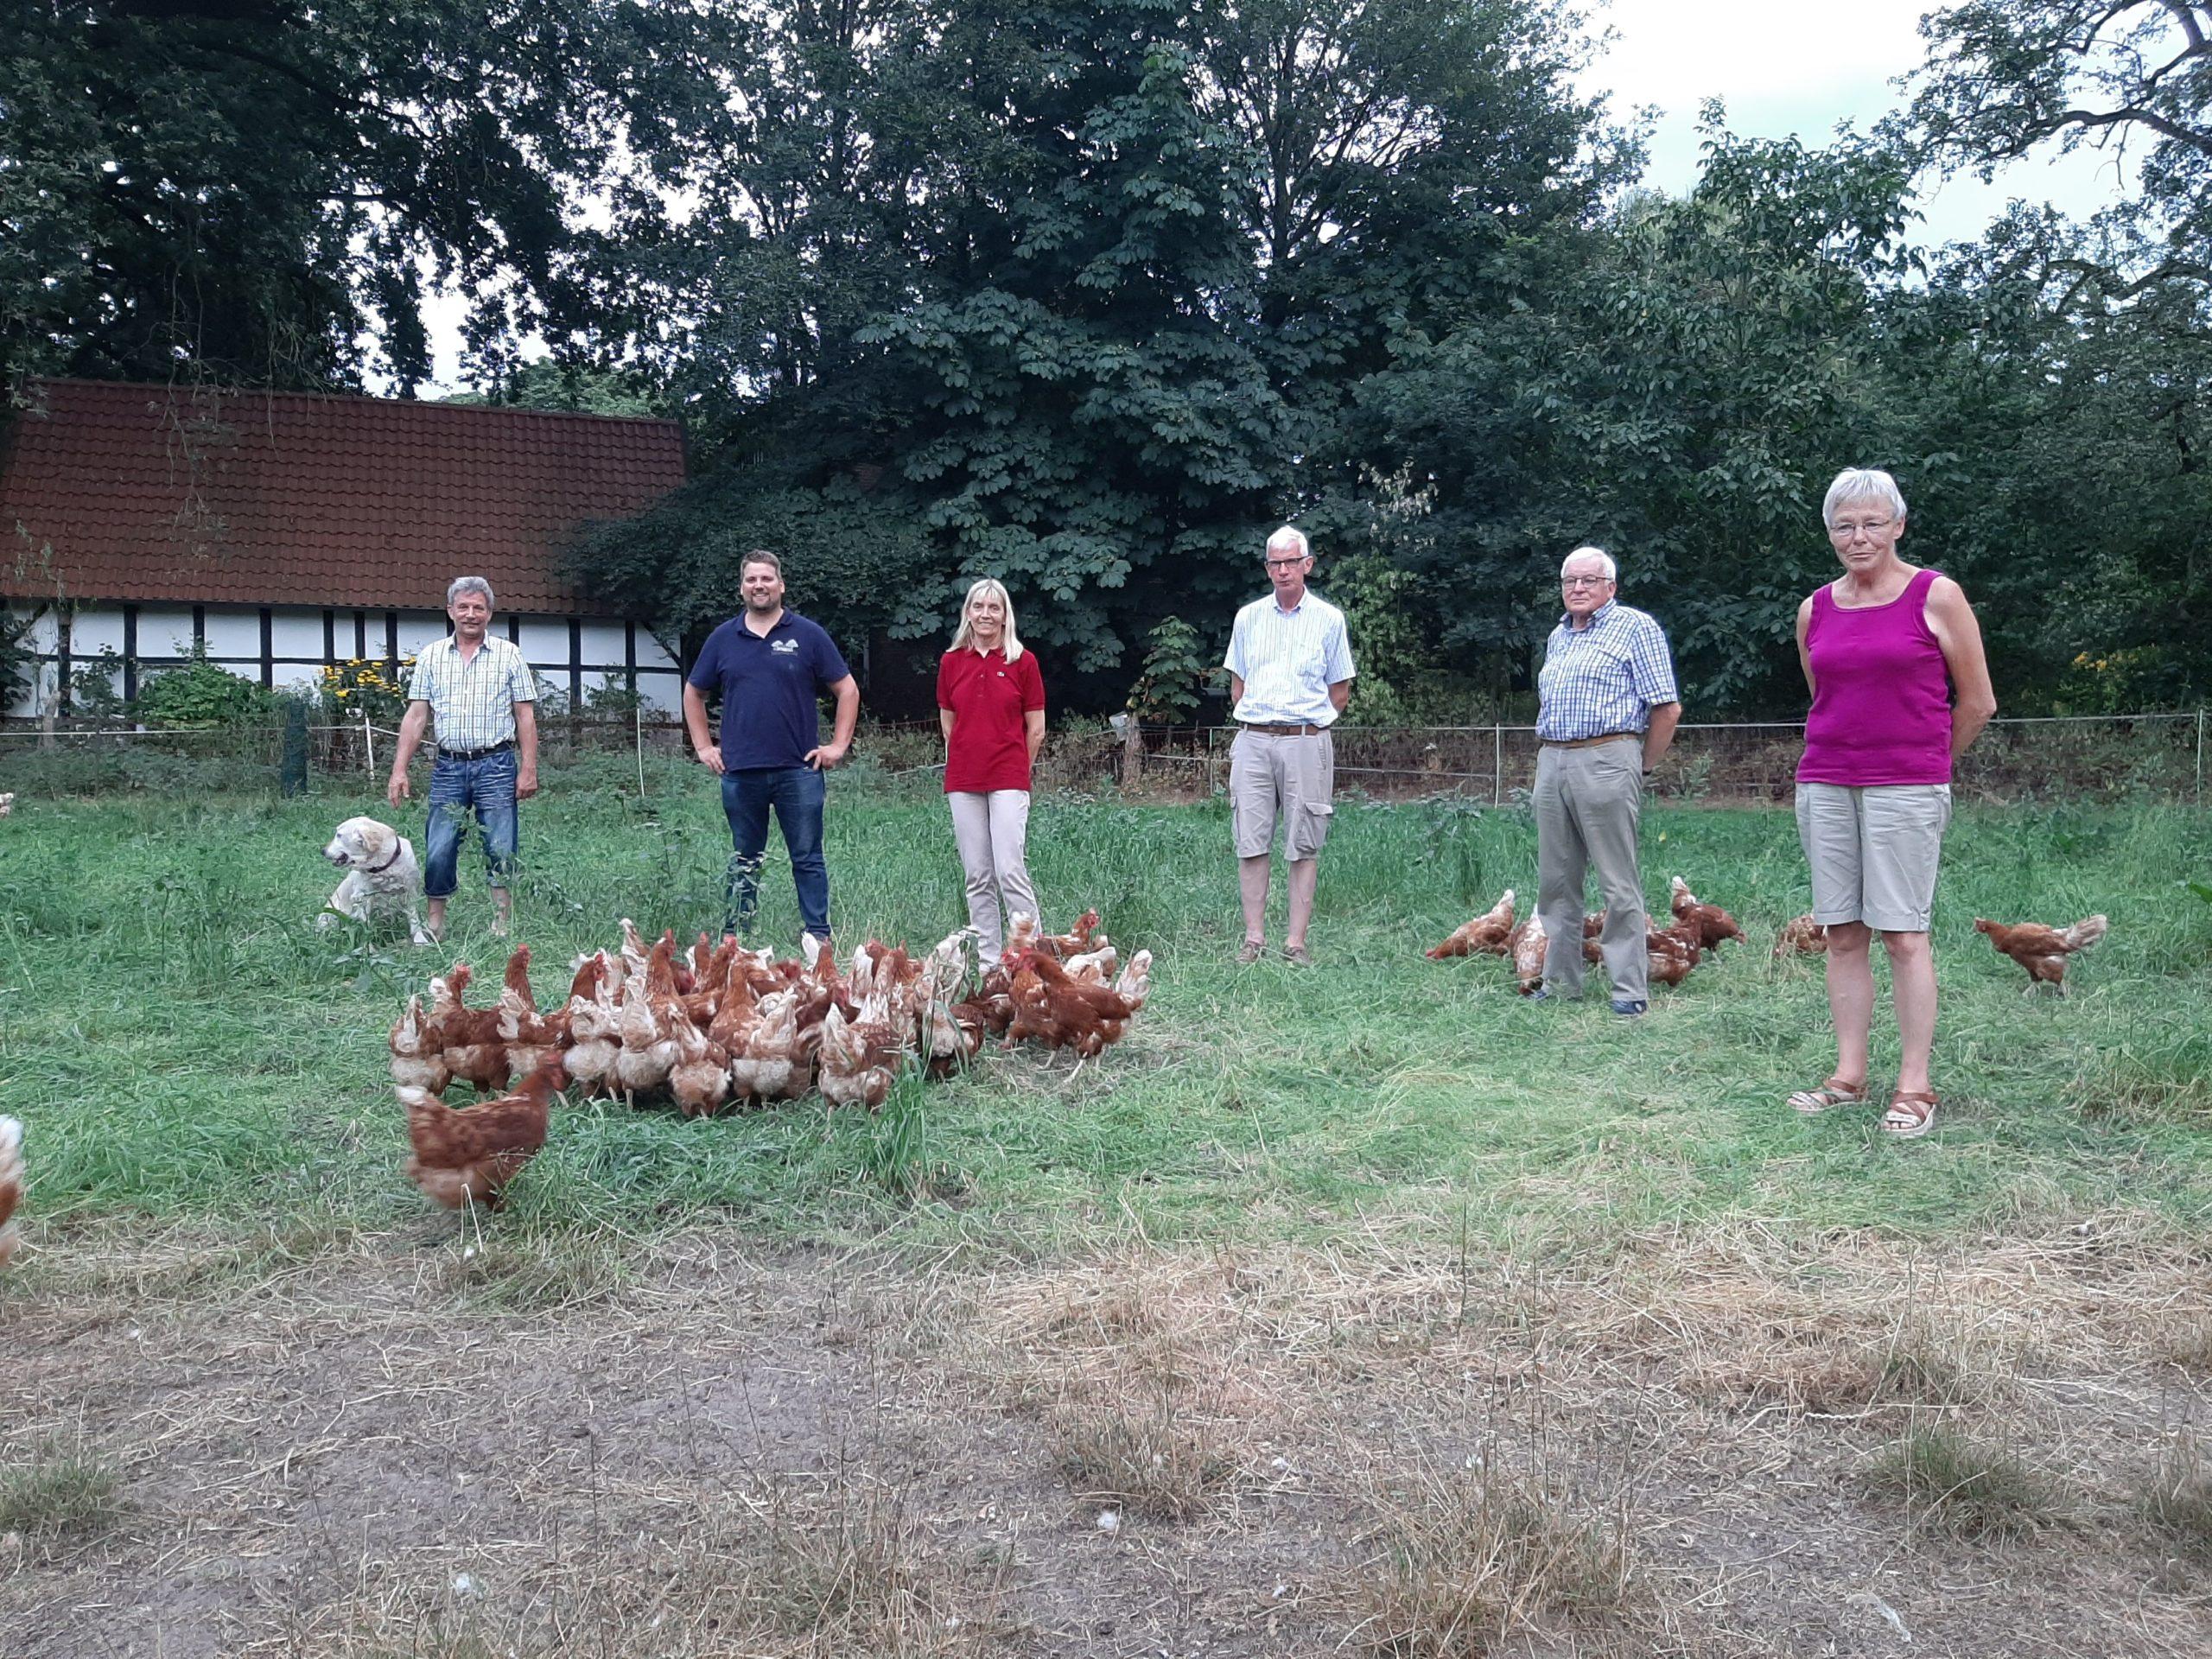 Die UWG Saerbeck besucht den Hof Linderskamp in Saerbeck-Middendorf  – Nachhaltige Produktion und Direktvertrieb vor Ort